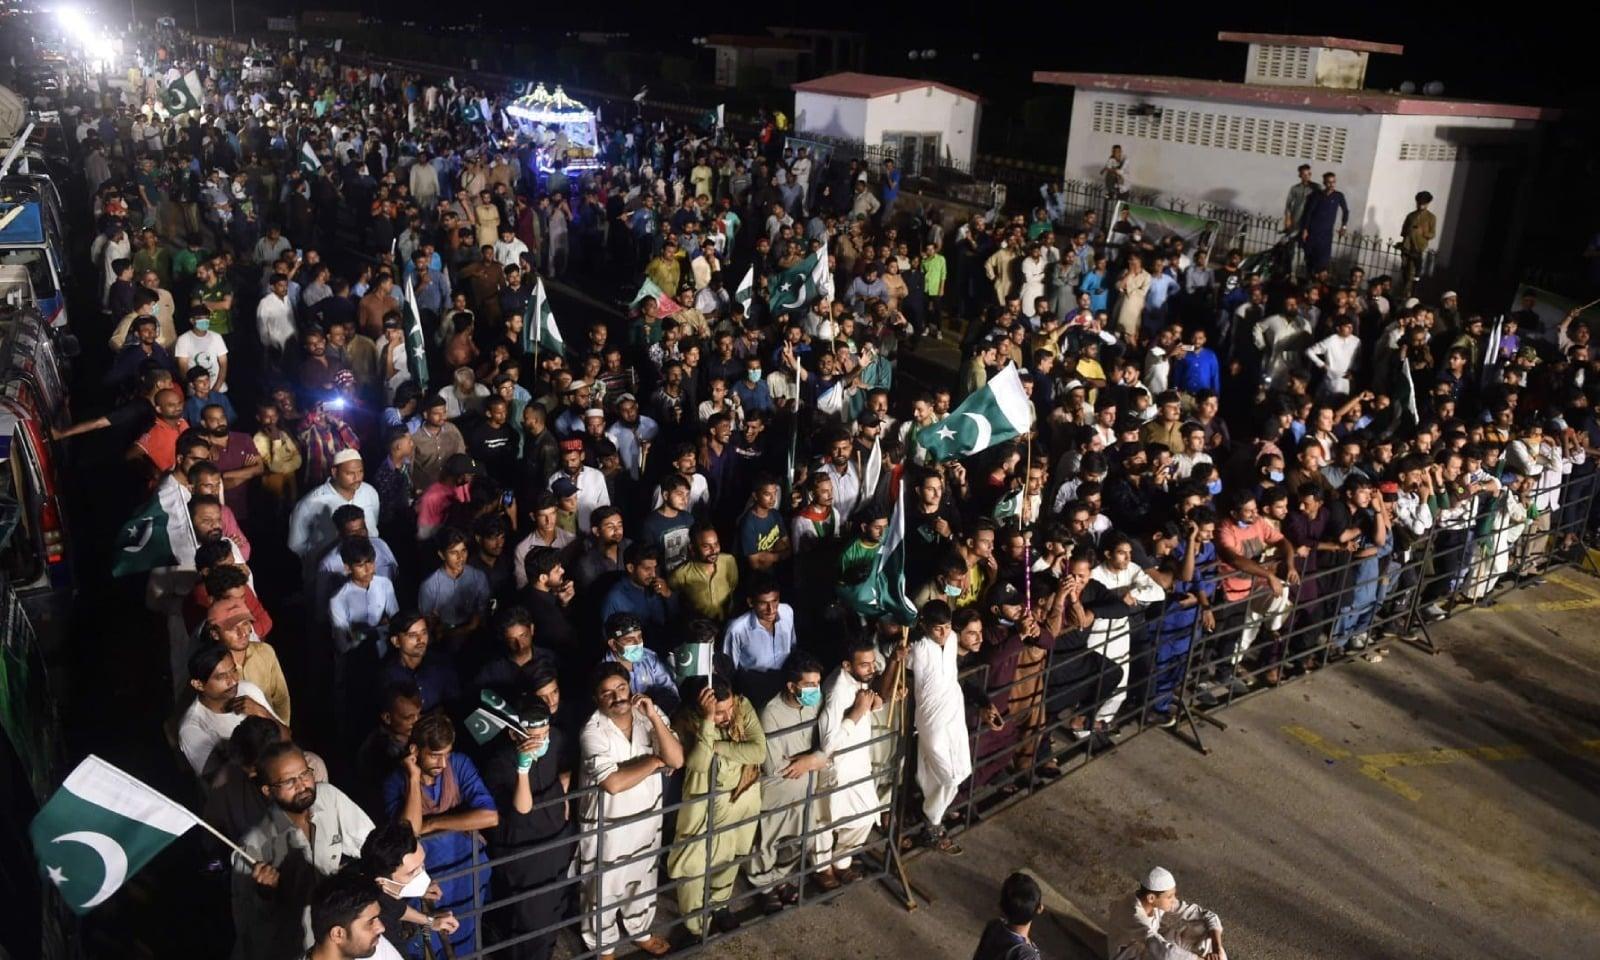 کراچی میں جشن آزادی کے موقع پر لوگوں کی بڑی تعداد جمع ہے — فوٹو: اے ایف پی